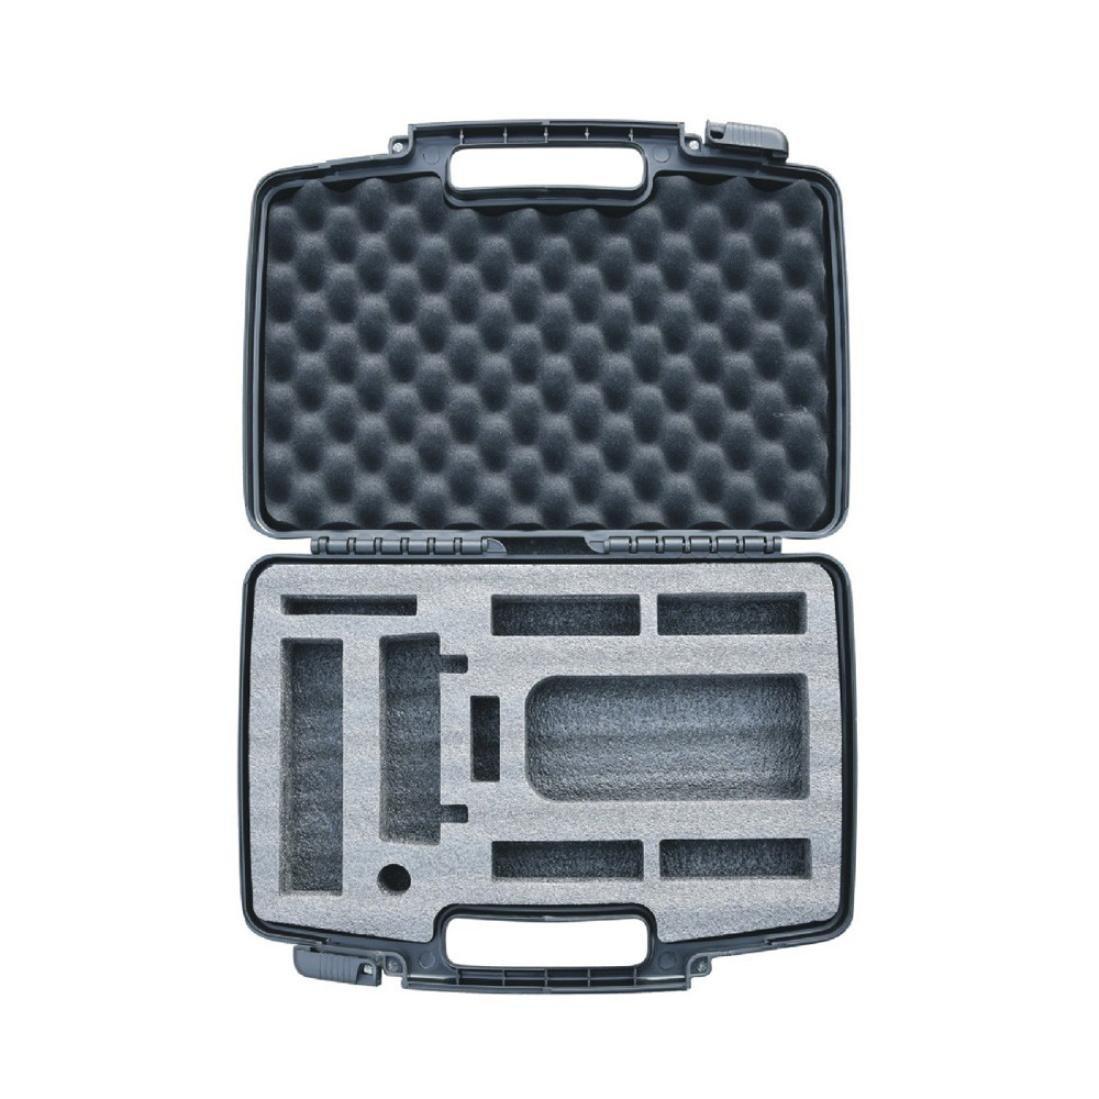 Omiky® Mode 2017 Für DJI Mavic Pro Drone Hard Strorage Tragbare Tragende Reise Wasserdichte Tasche Tasche Box